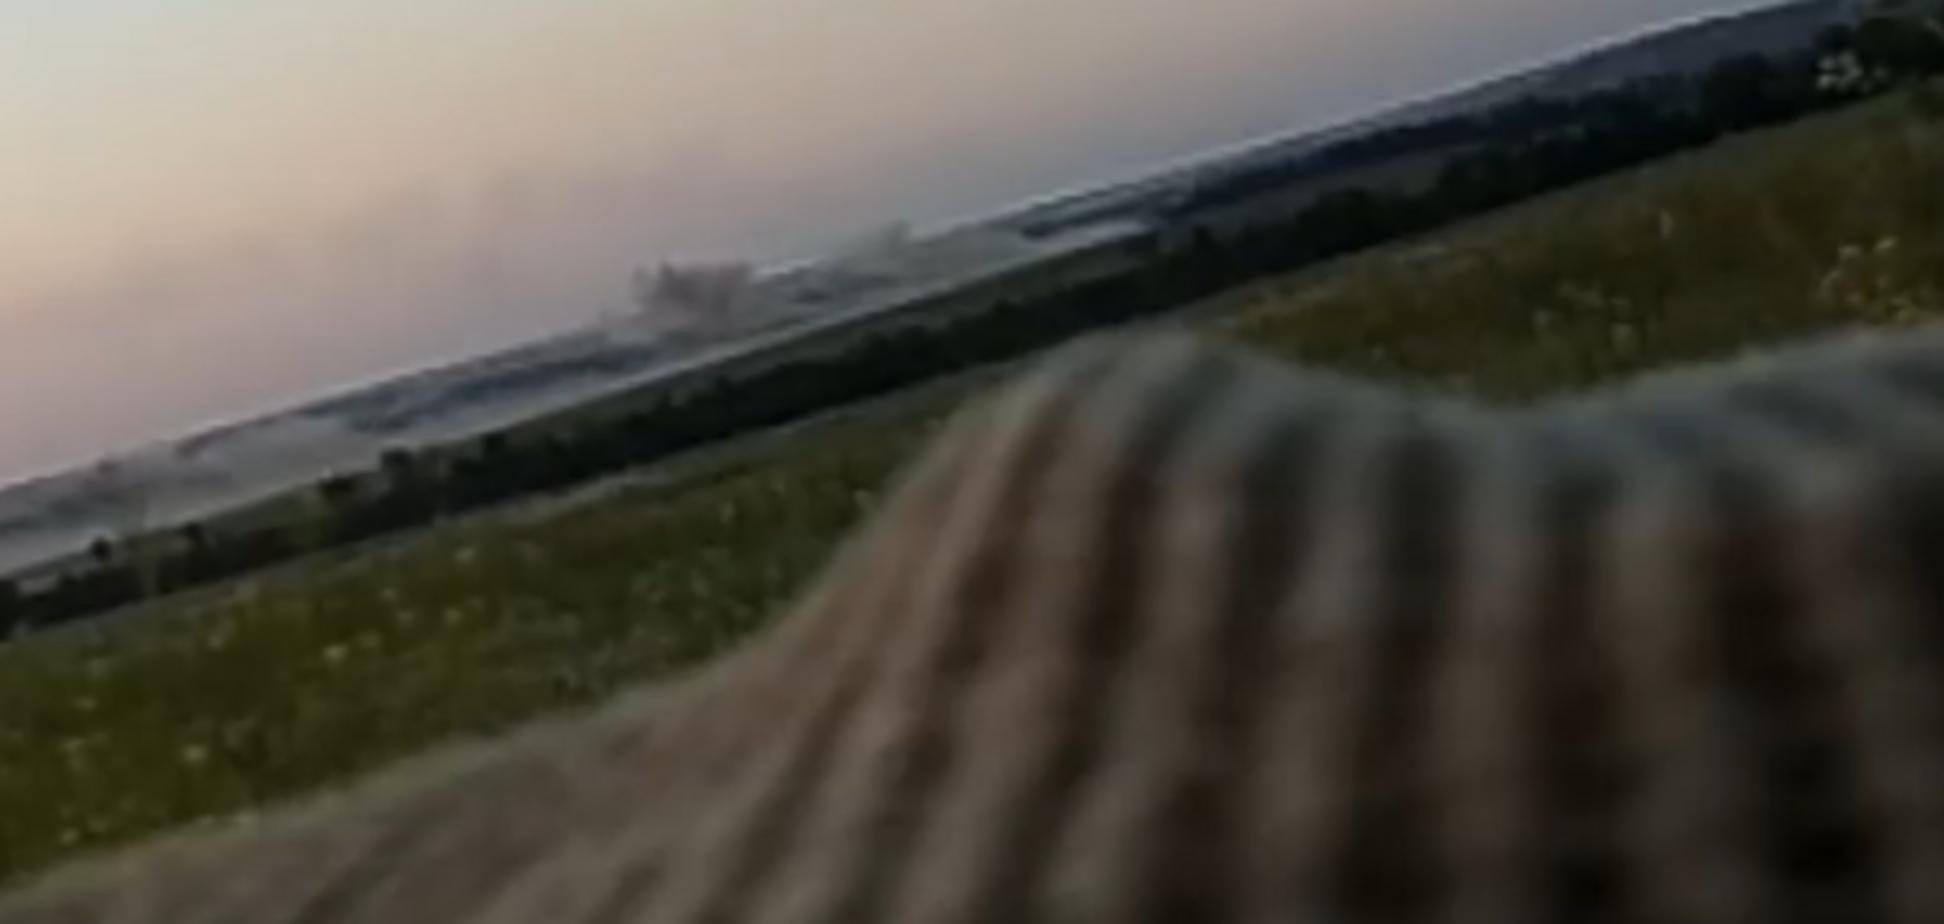 'Димлять чуби сеп*рські': потужна відповідь ООС терористам на Донбасі потрапила на відео